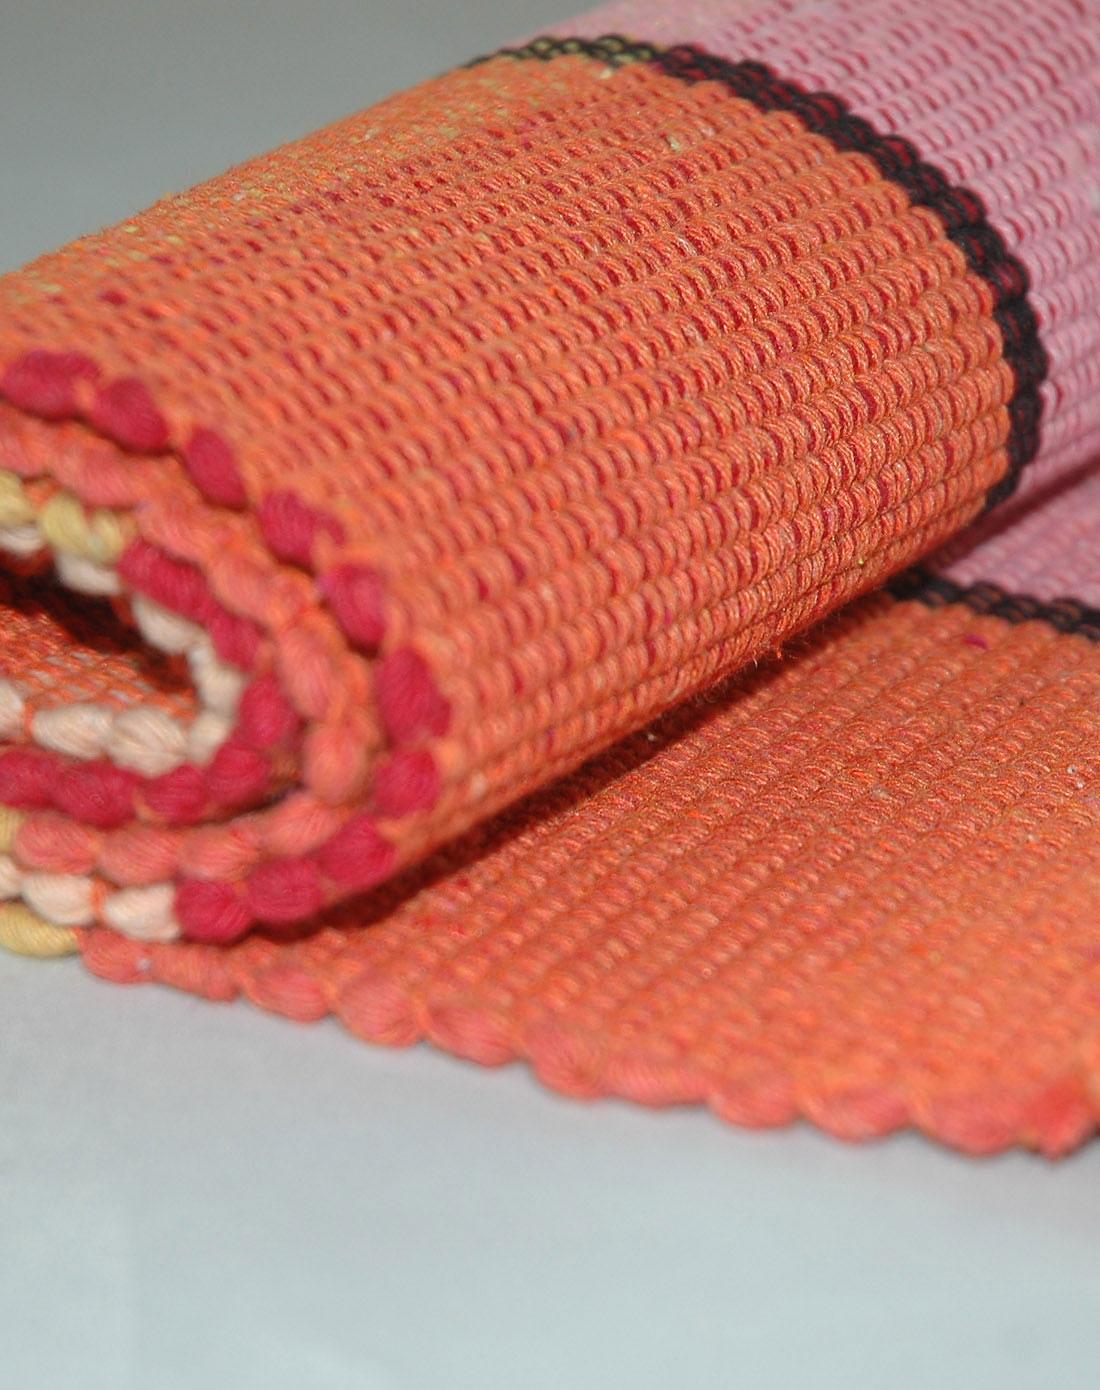 纯棉手工编织地垫脚垫60*90cm